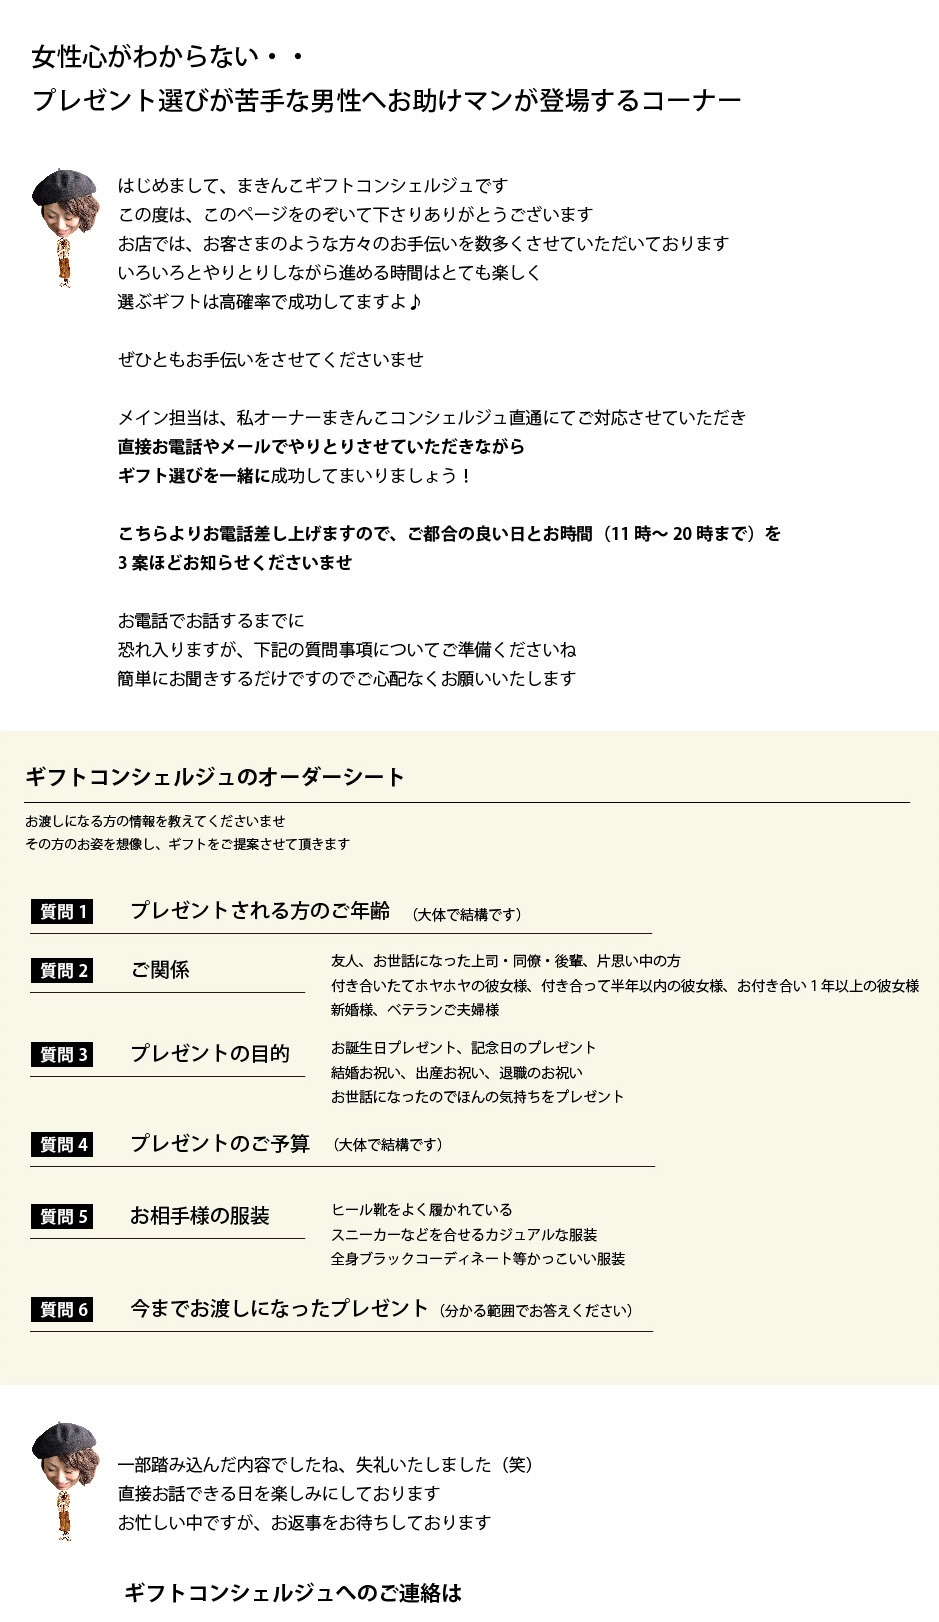 neturiba_gift_08-01.jpg